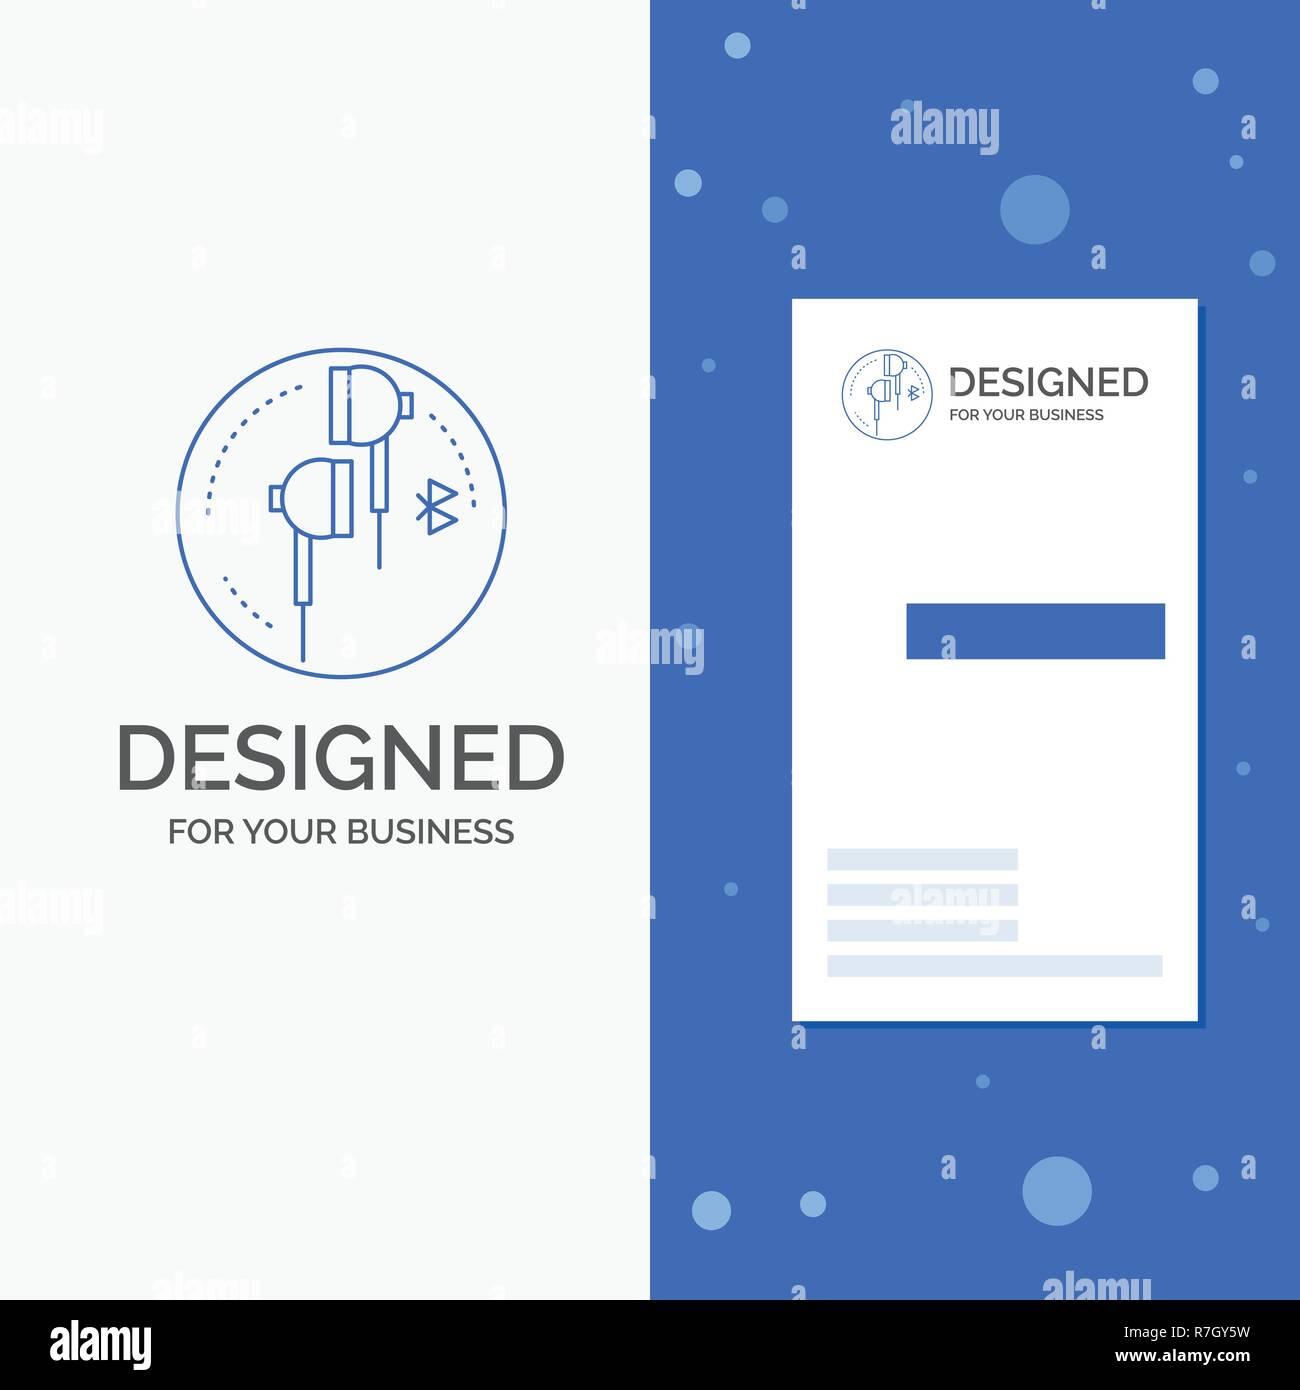 Logo Dentreprise Pour La Sortie Casque Loreille Telephone Bluetooth Musique Bleu Vertical Affaires Modele De Carte Visite